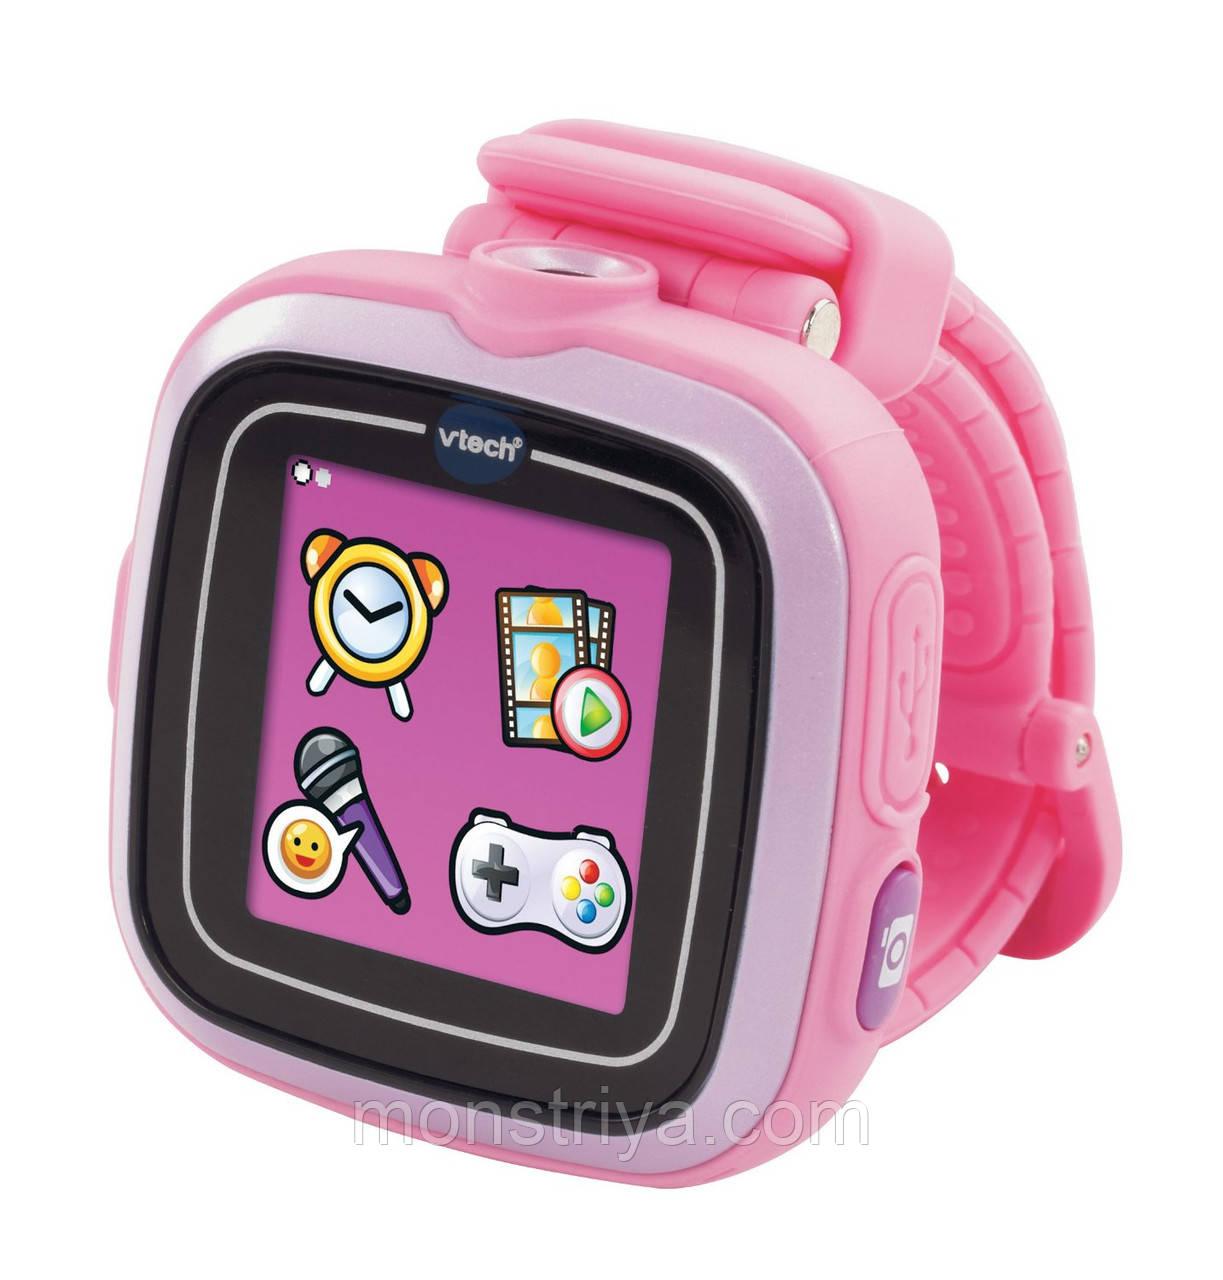 VTech Kidizoom умные часы для детей .Фотоаппарат. Киев.